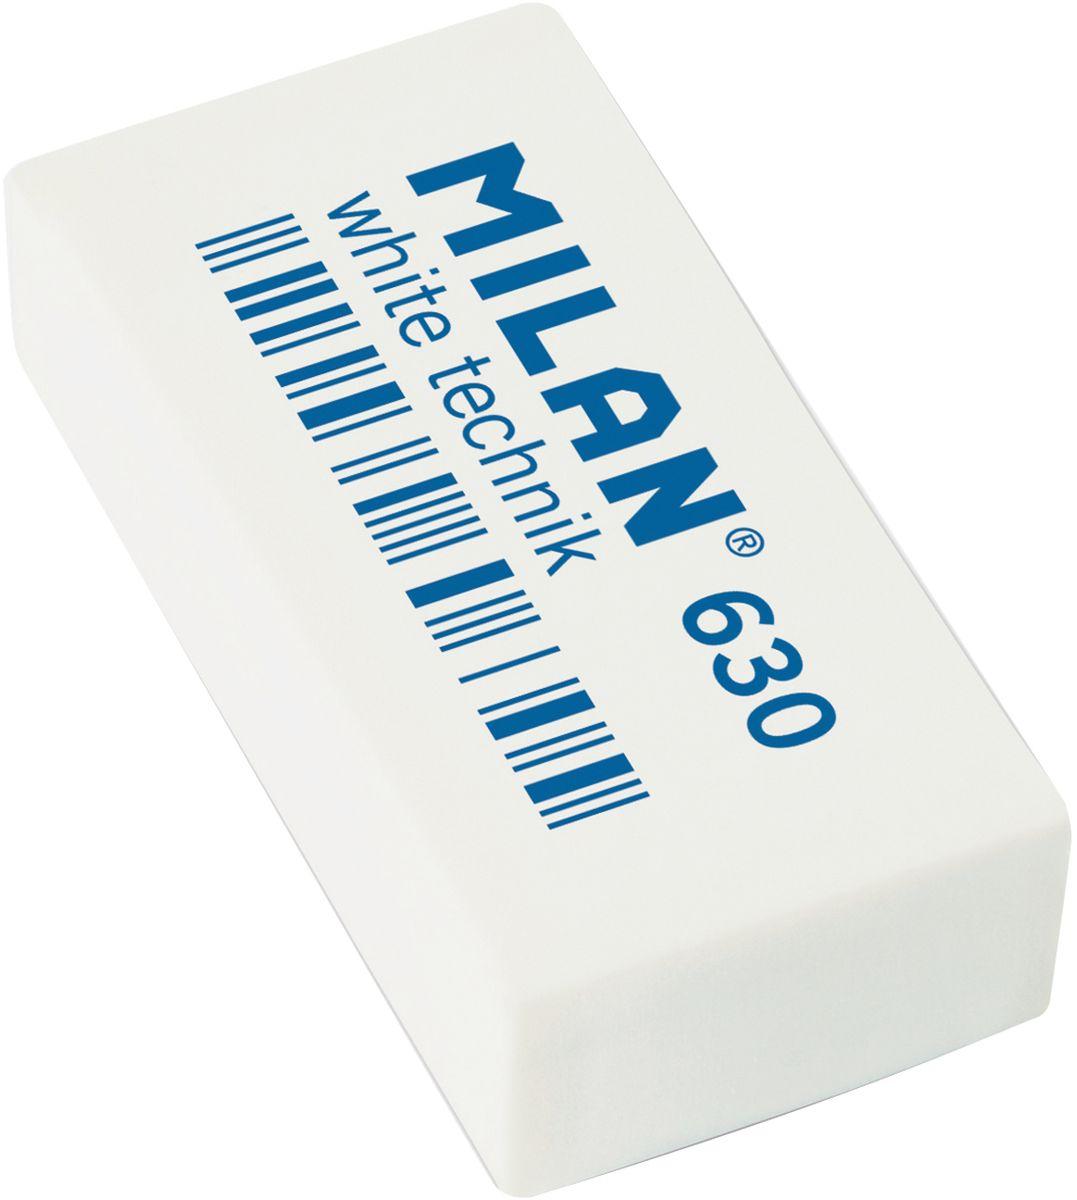 Milan Ластик White Technic 630 прямоугольныйFS-36054Ластик Milan White Technic 630 - это прекрасный синтетический ластик для цветных и чернографитных карандашей.